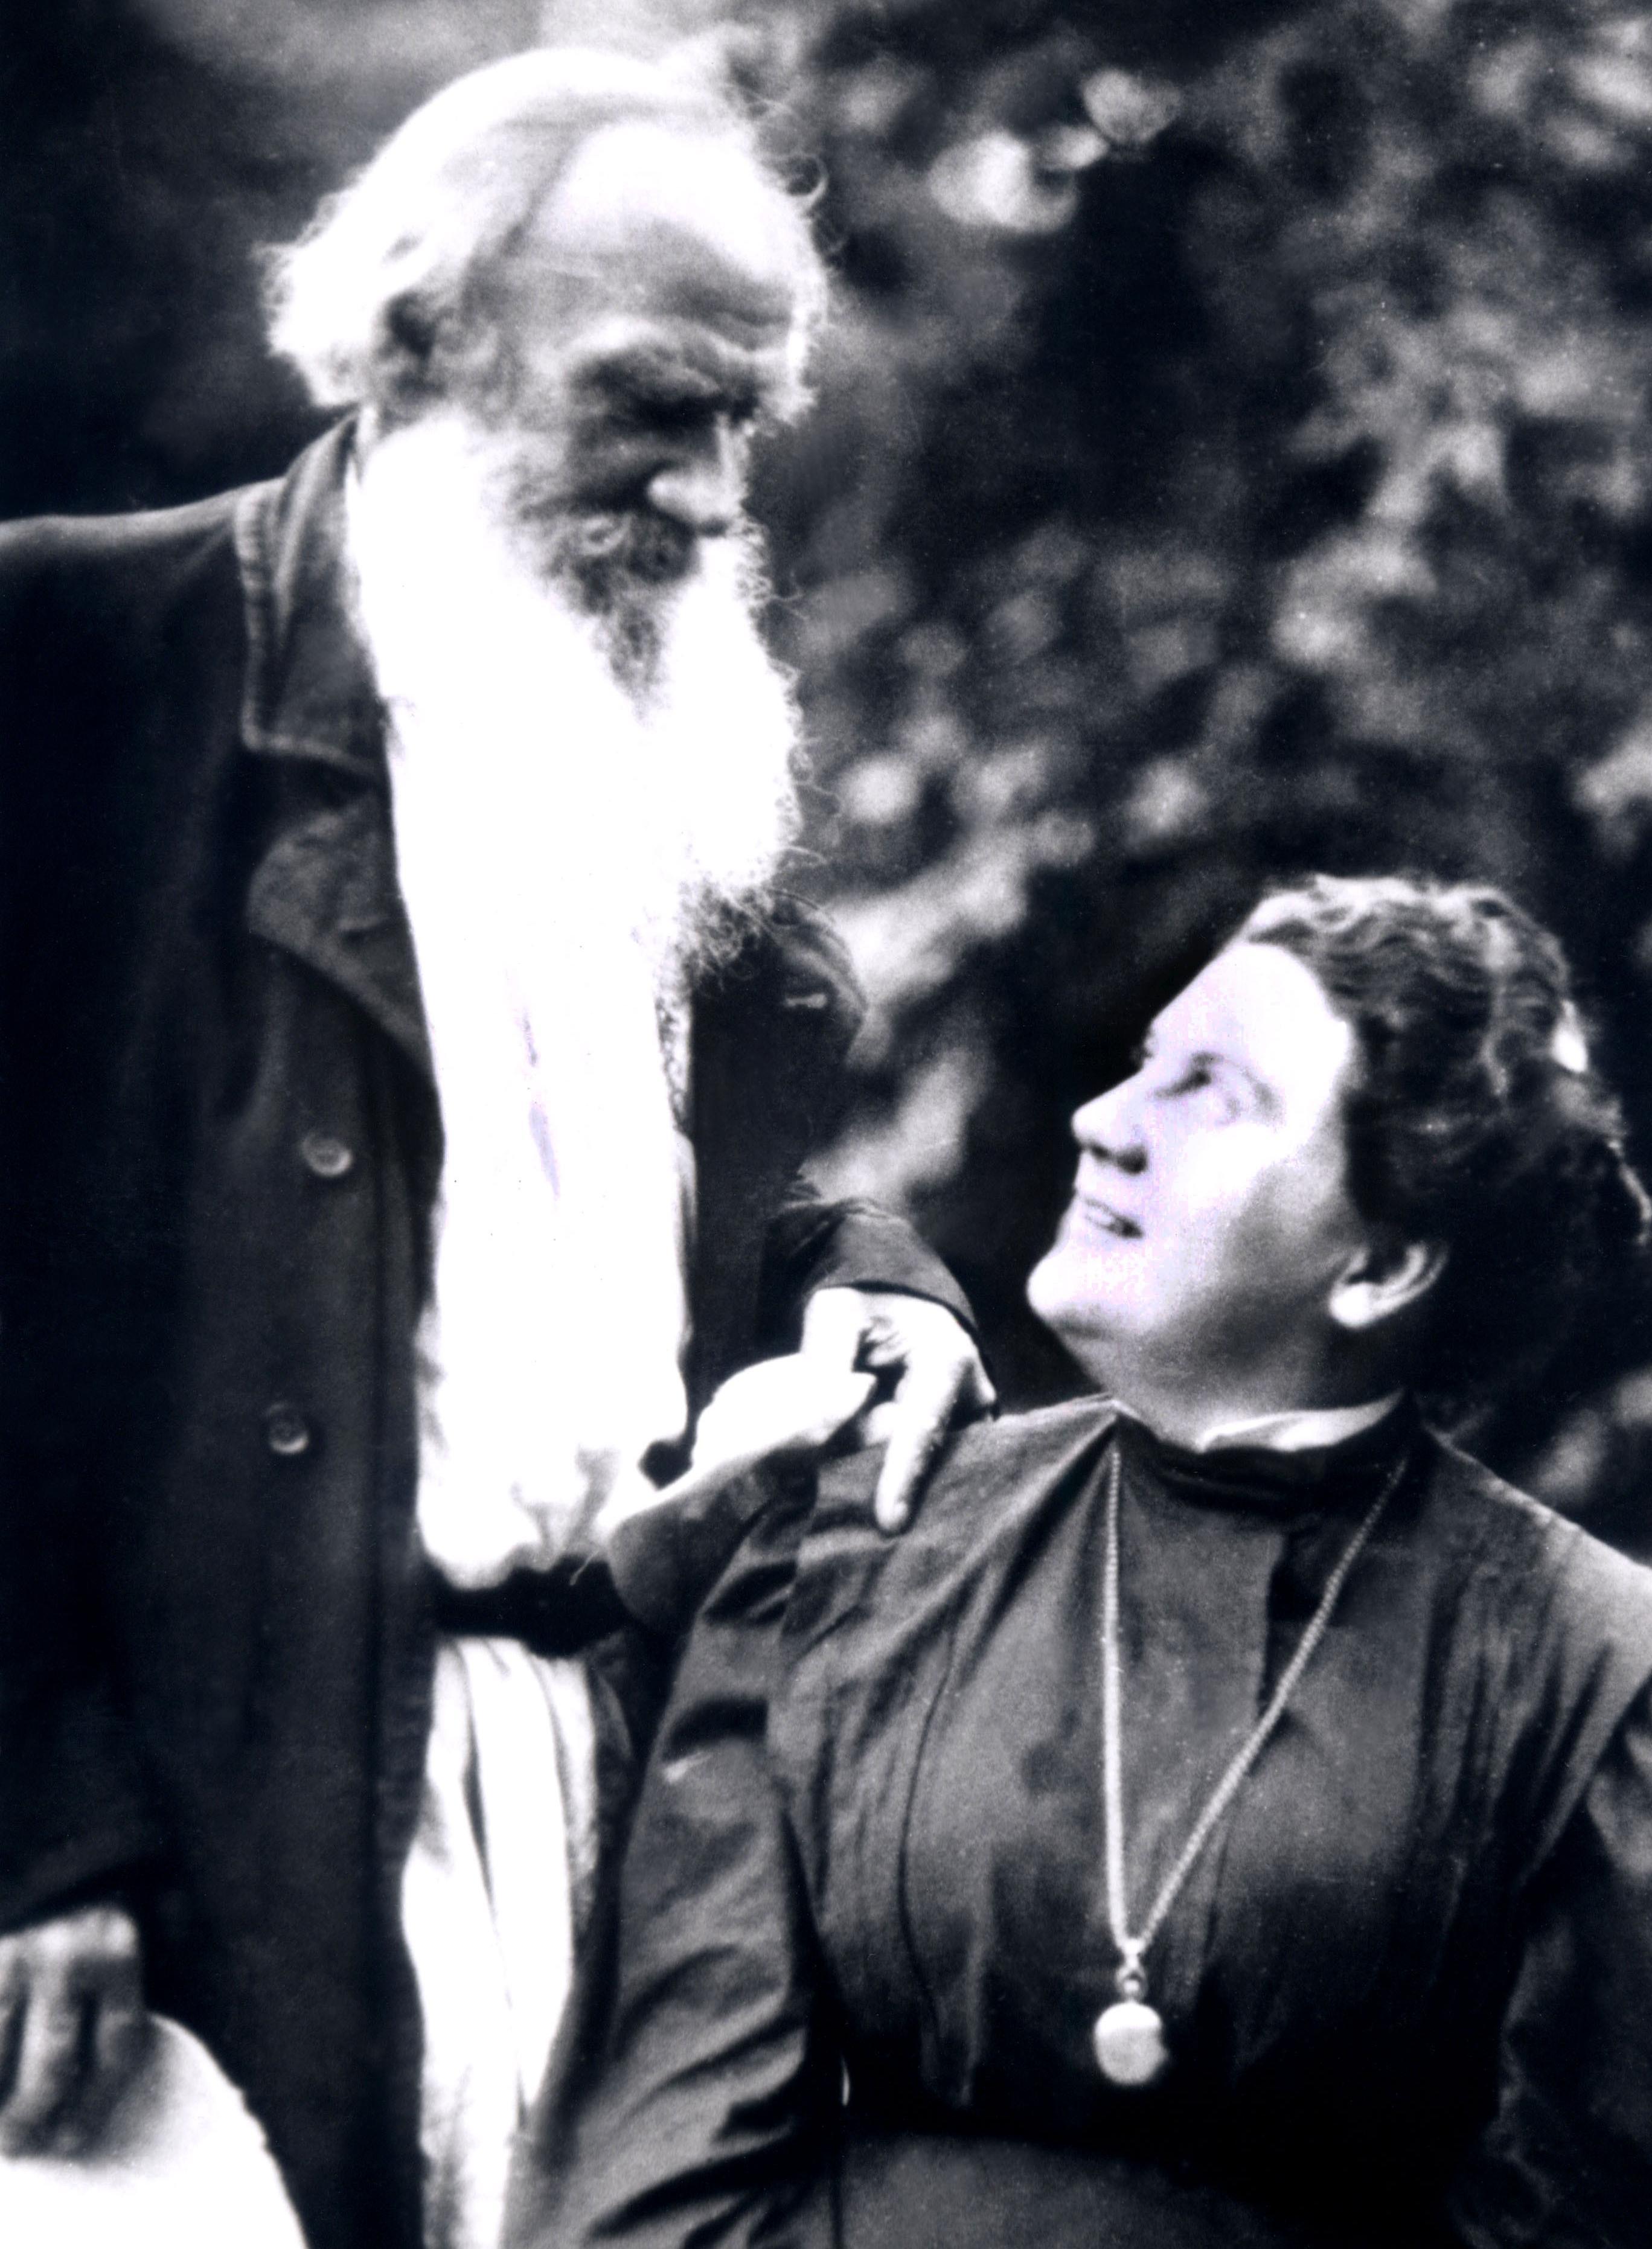 Il 20 novembre 1910 moriva Lev Tolstòj, scrittore irrequieto